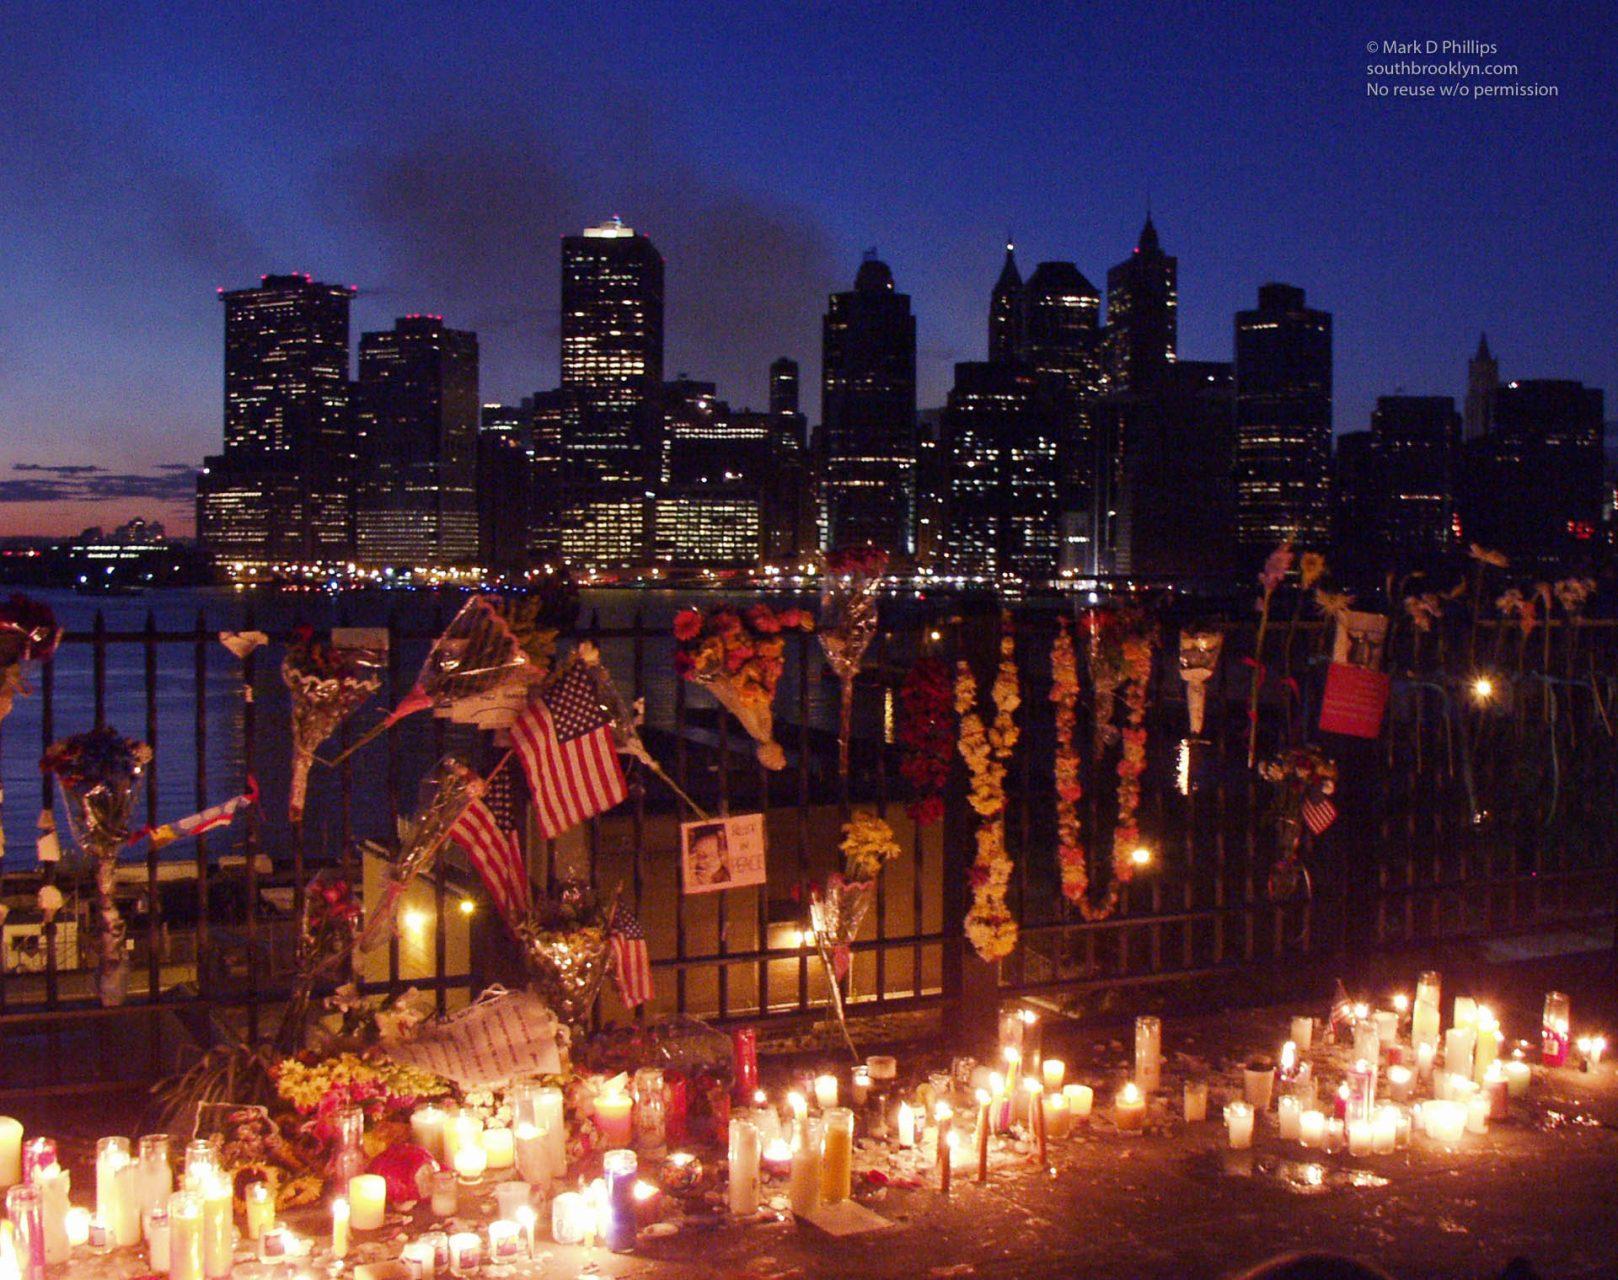 9/14/01 Promenade Vigil